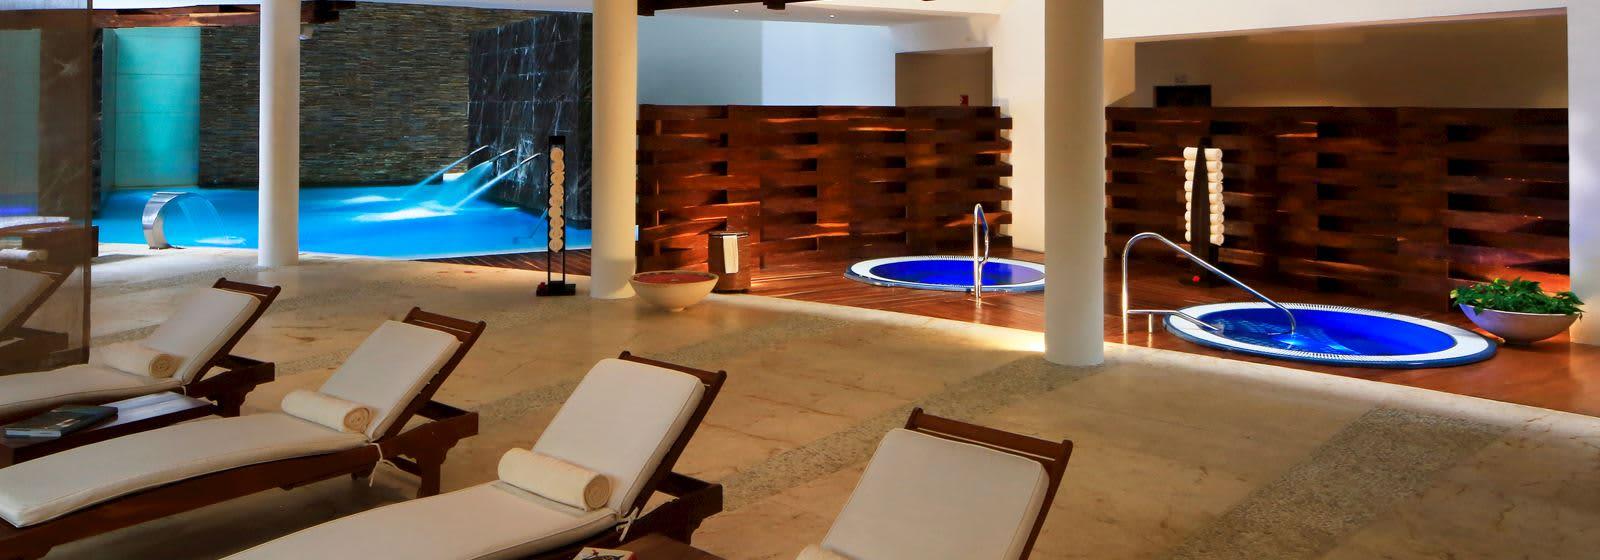 Viaje Spa en Grand Velas Riviera Maya